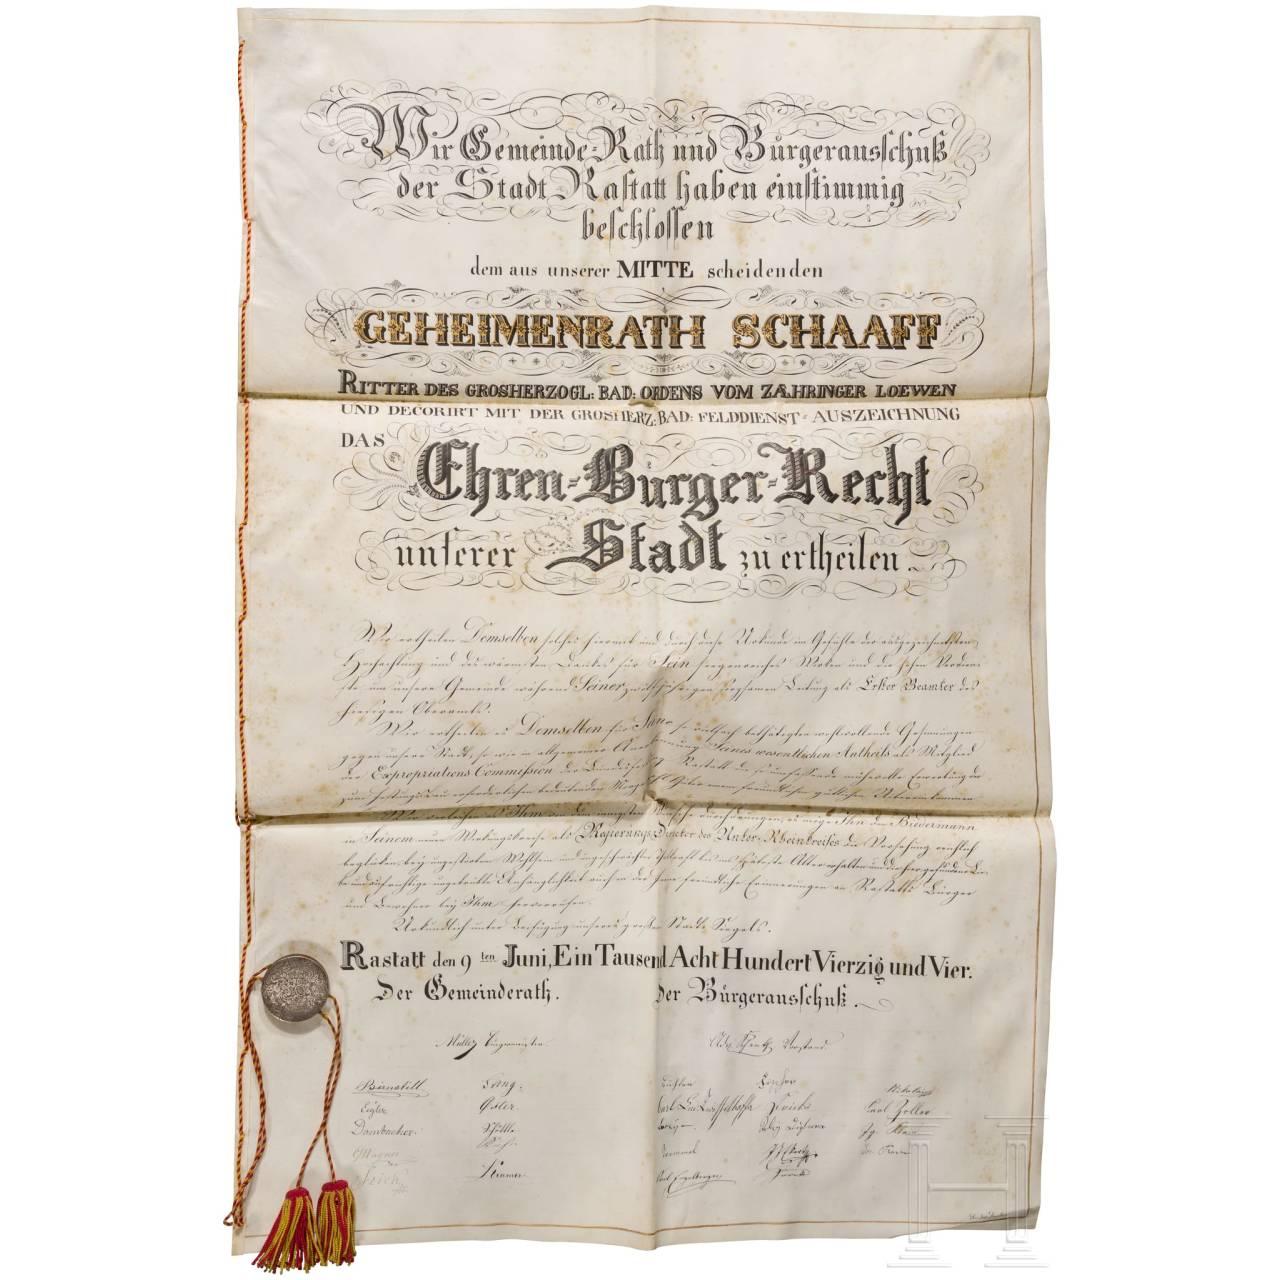 Geheimrat Friedrich Theodor Schaaff - Ehrenbürgerurkunde der Stadt Rastatt, 1844